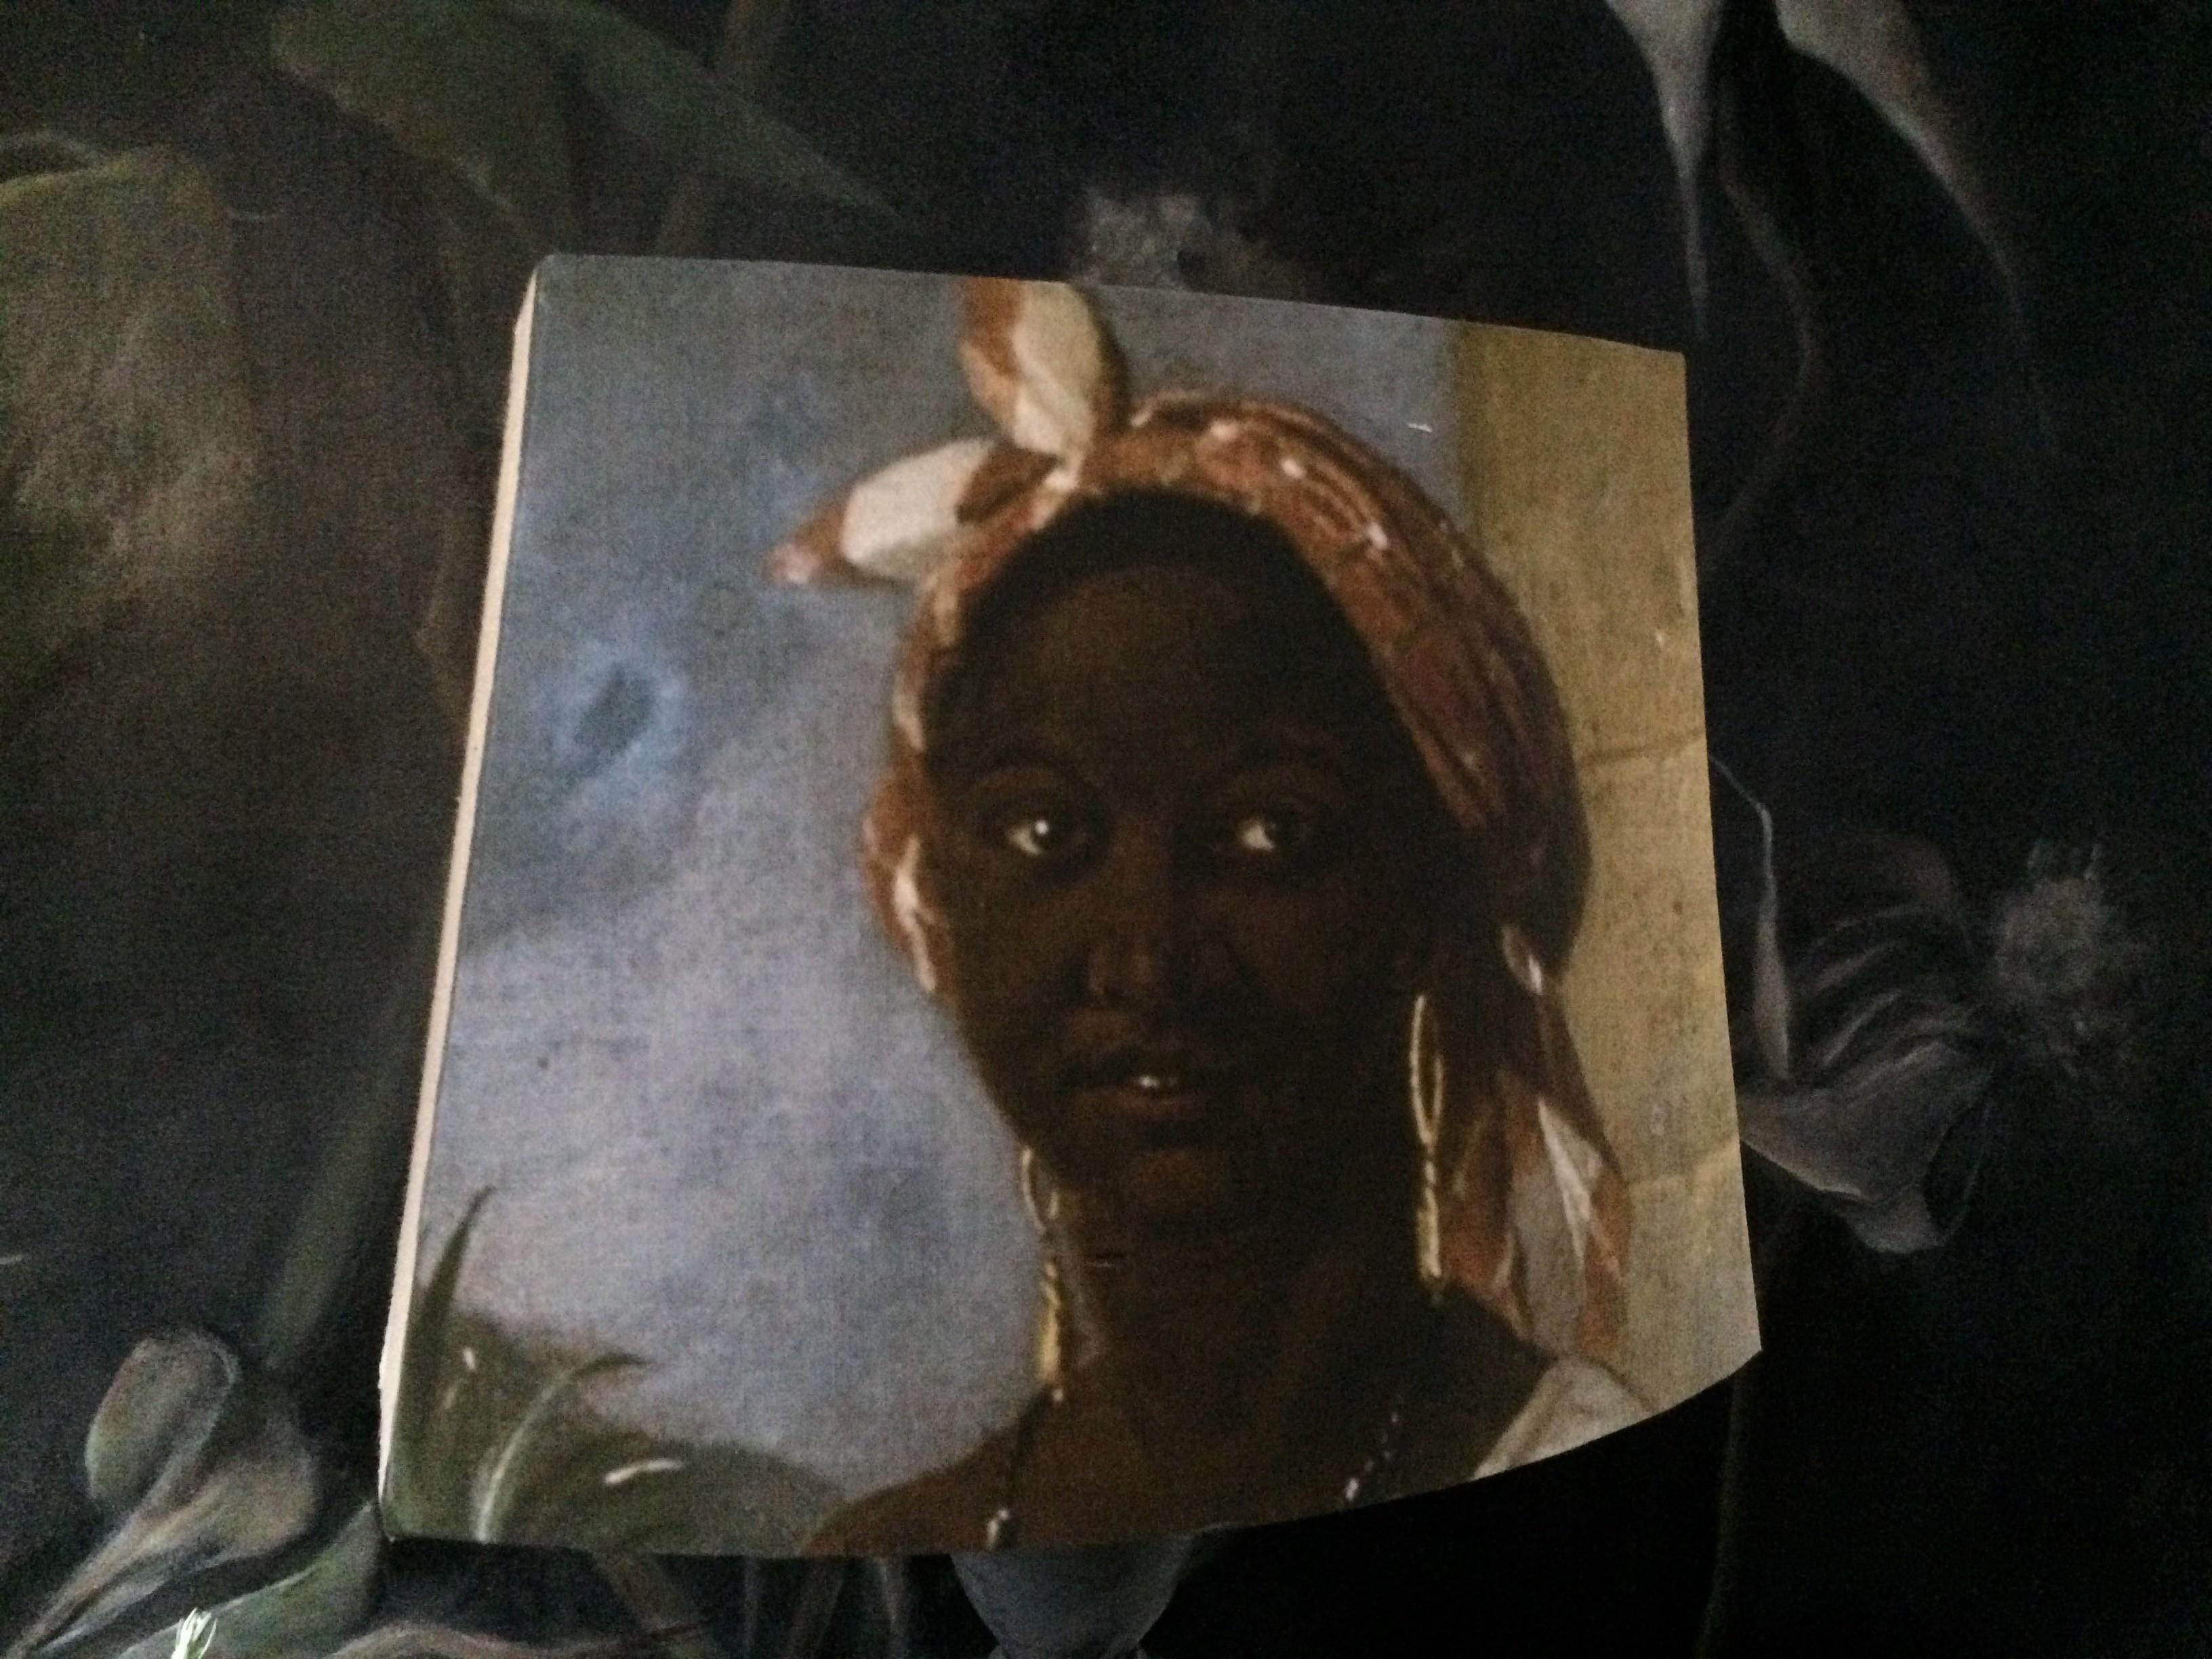 Abat jour pans coupés portrait féminin XVIIIe